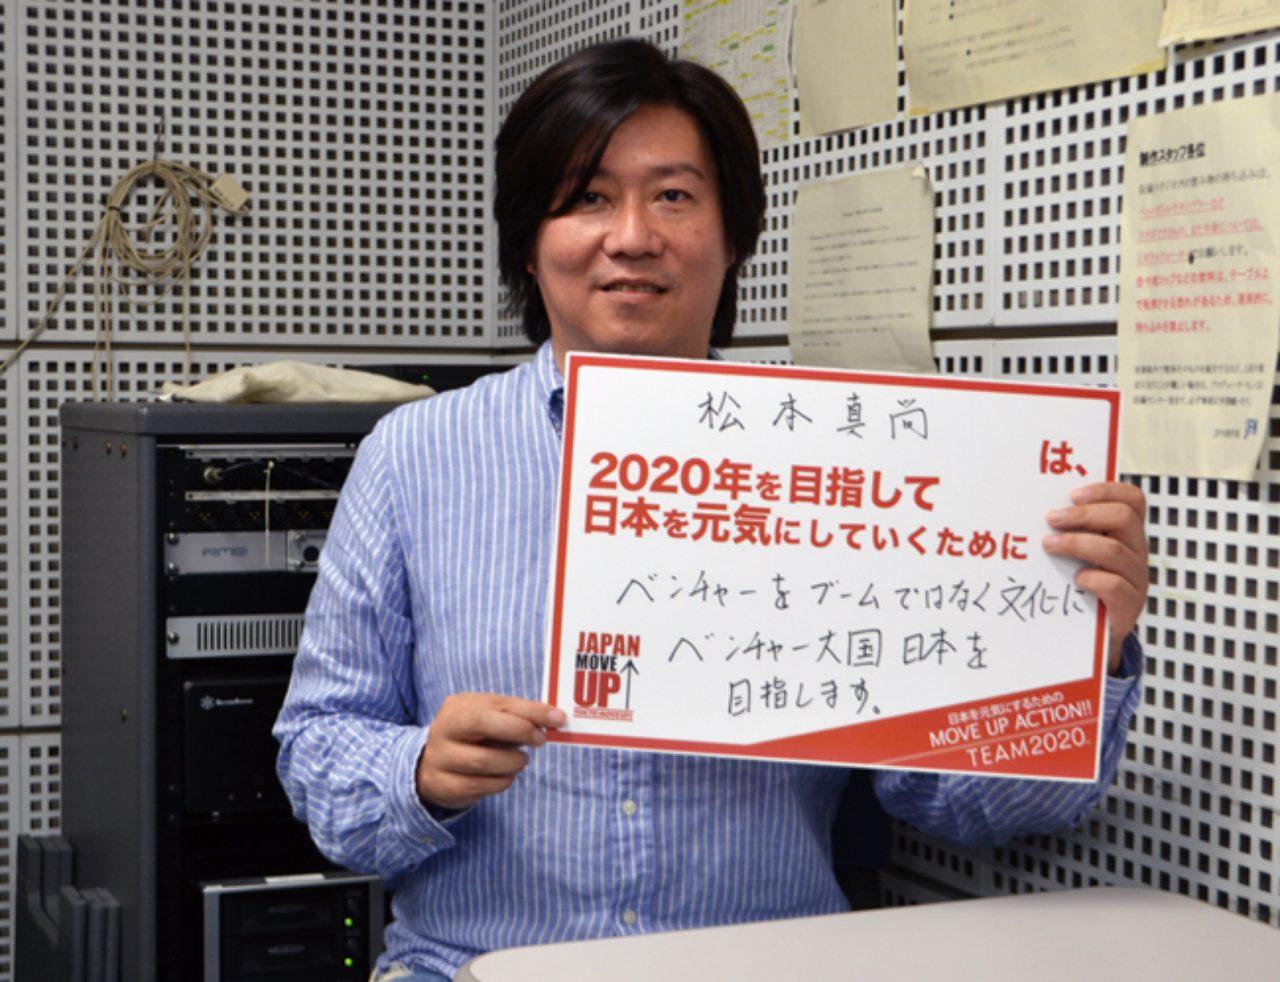 """画像: 第124回8.15 OAより 「2020年を目指して日本を元気にしていくために""""ベンチャーをブームではなく文化にベンチャー大国日本を目指します。""""」とアクション宣言"""